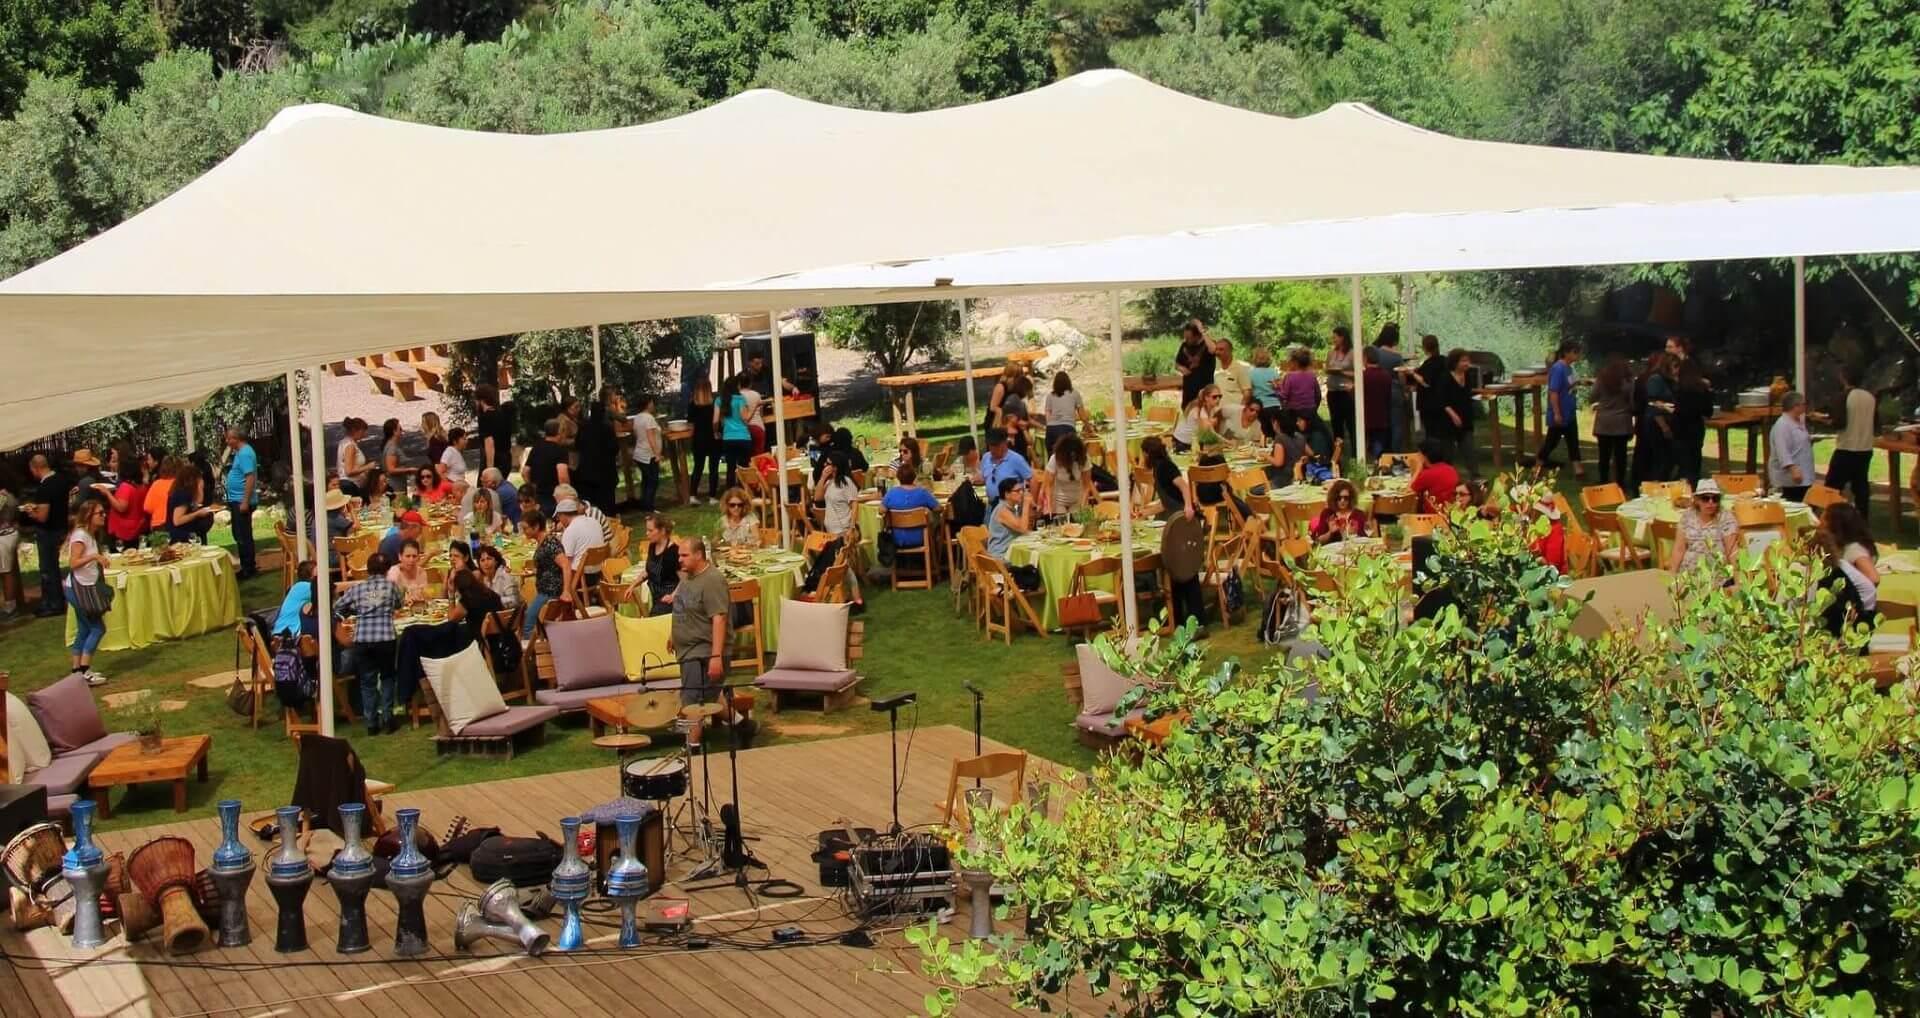 הפקת אירוע בשטח לחברות, מוסדות וארגונים שונים